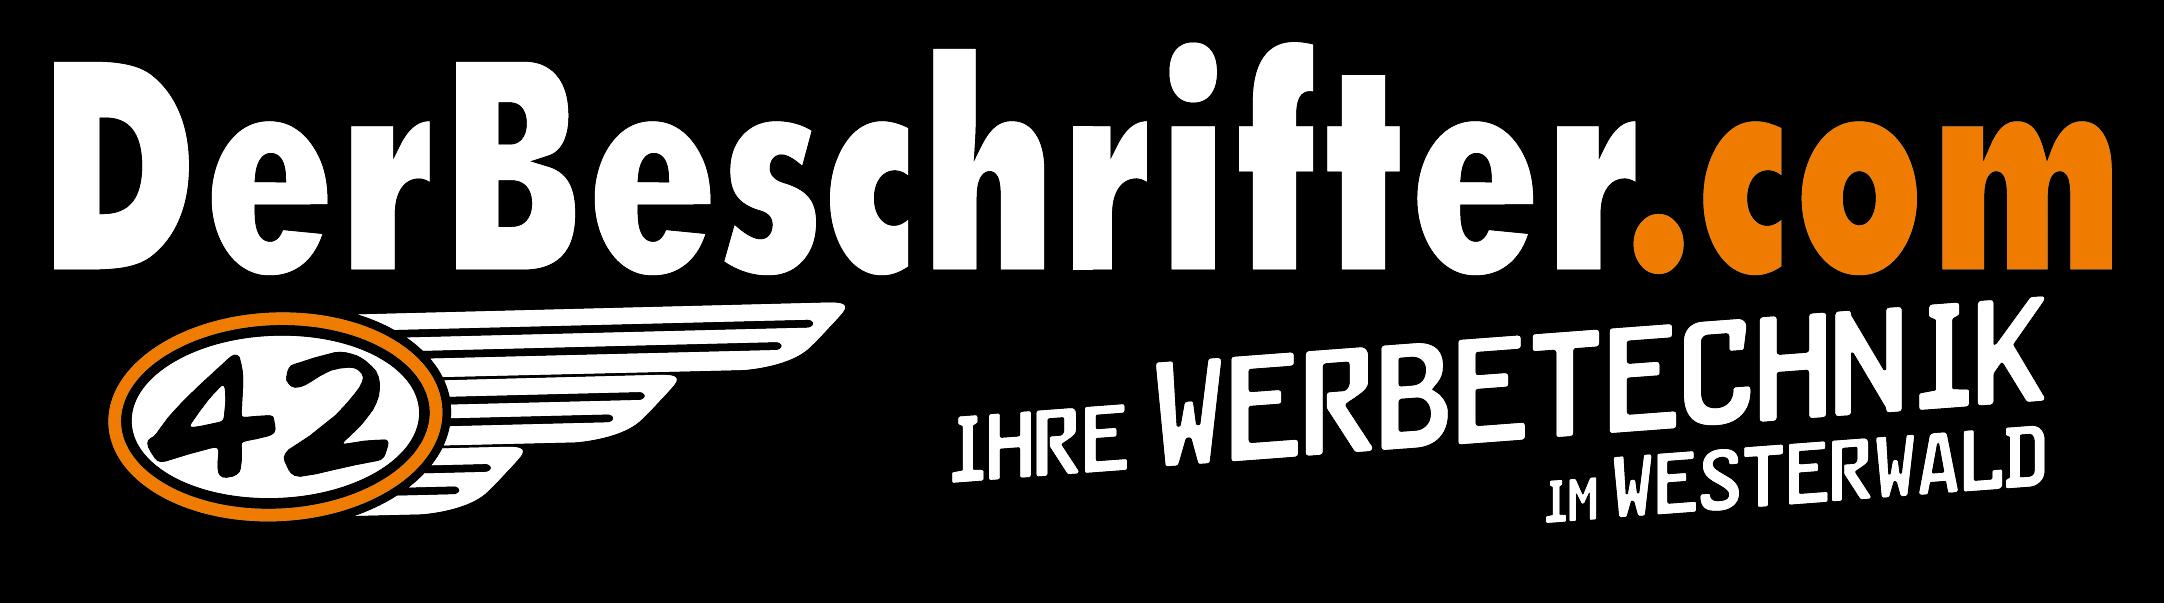 DerBeschrifter - Werbetechnik im Westerwald